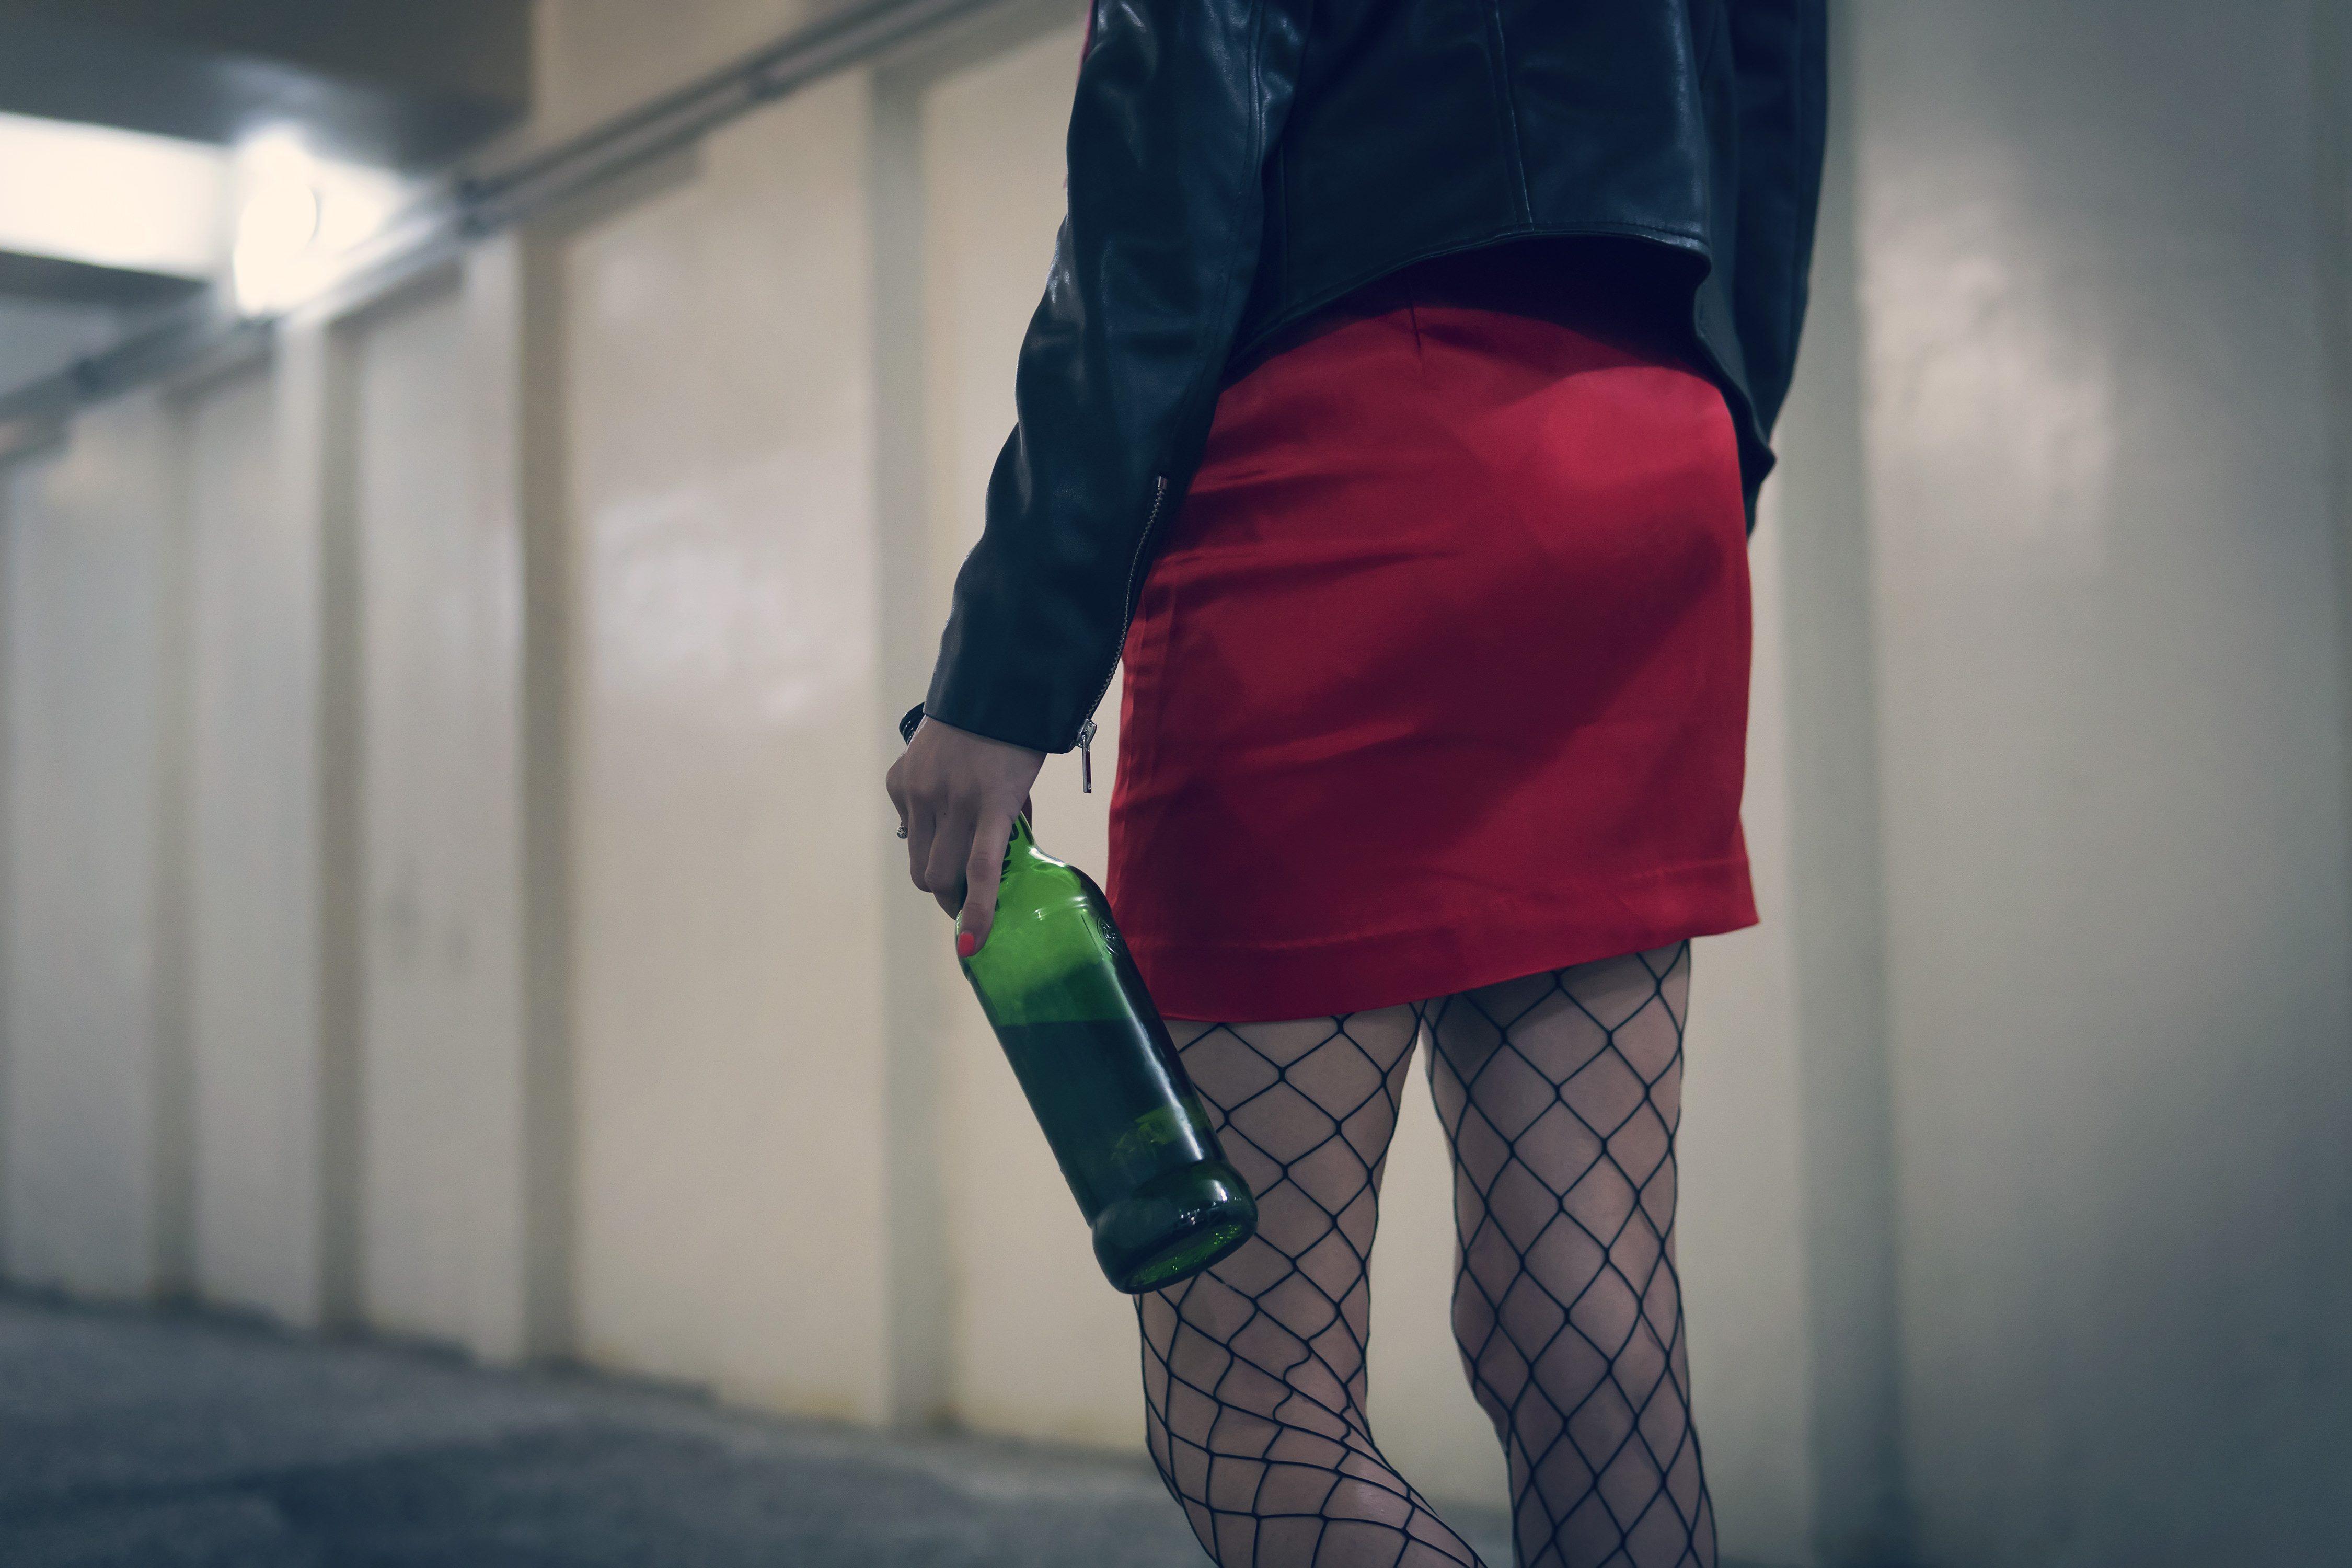 アルコール中毒・酔っぱらい・女性